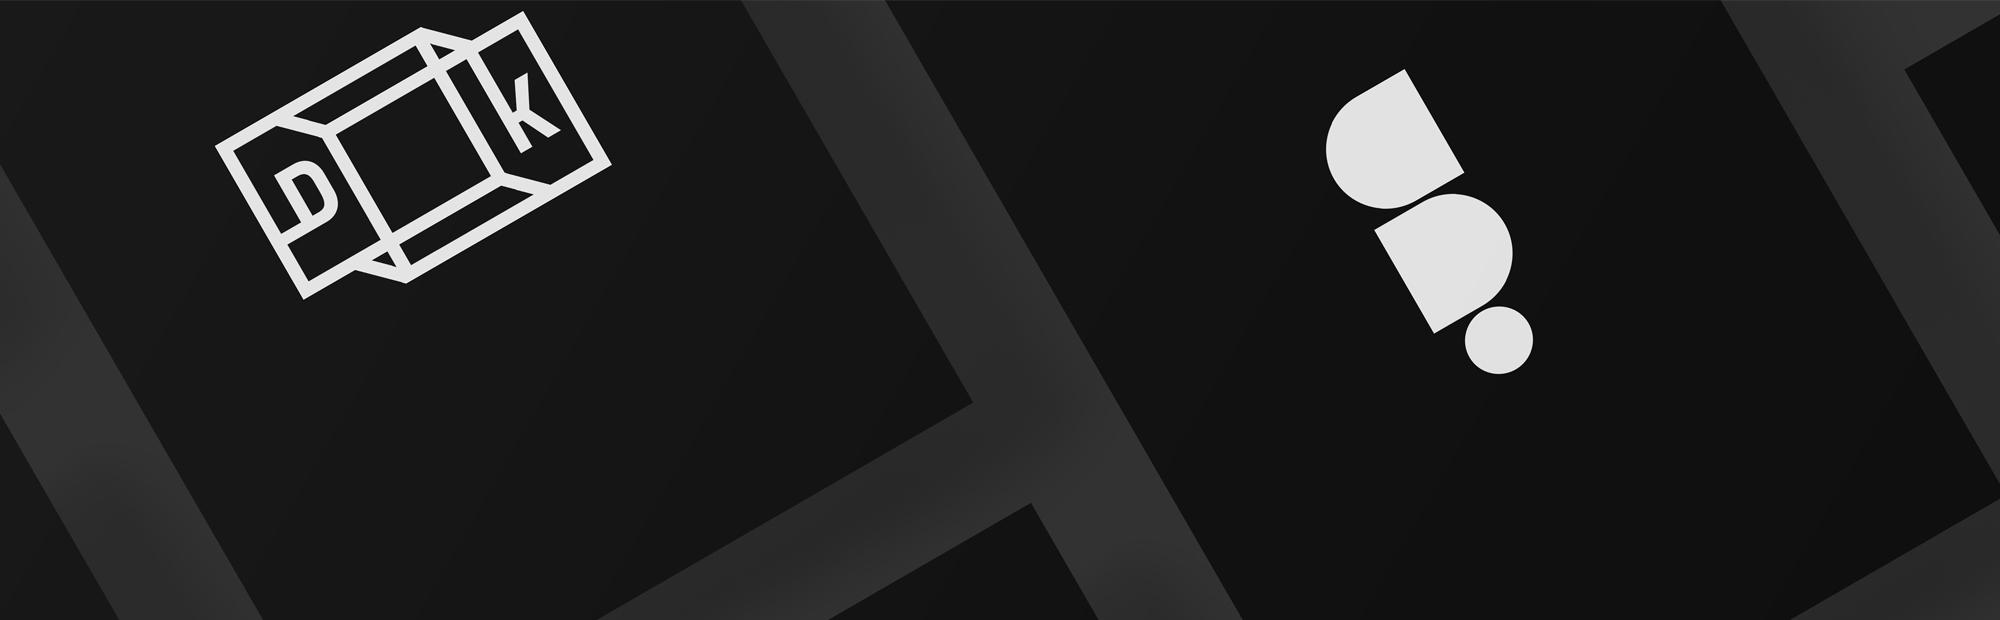 nextwork_logoarchive